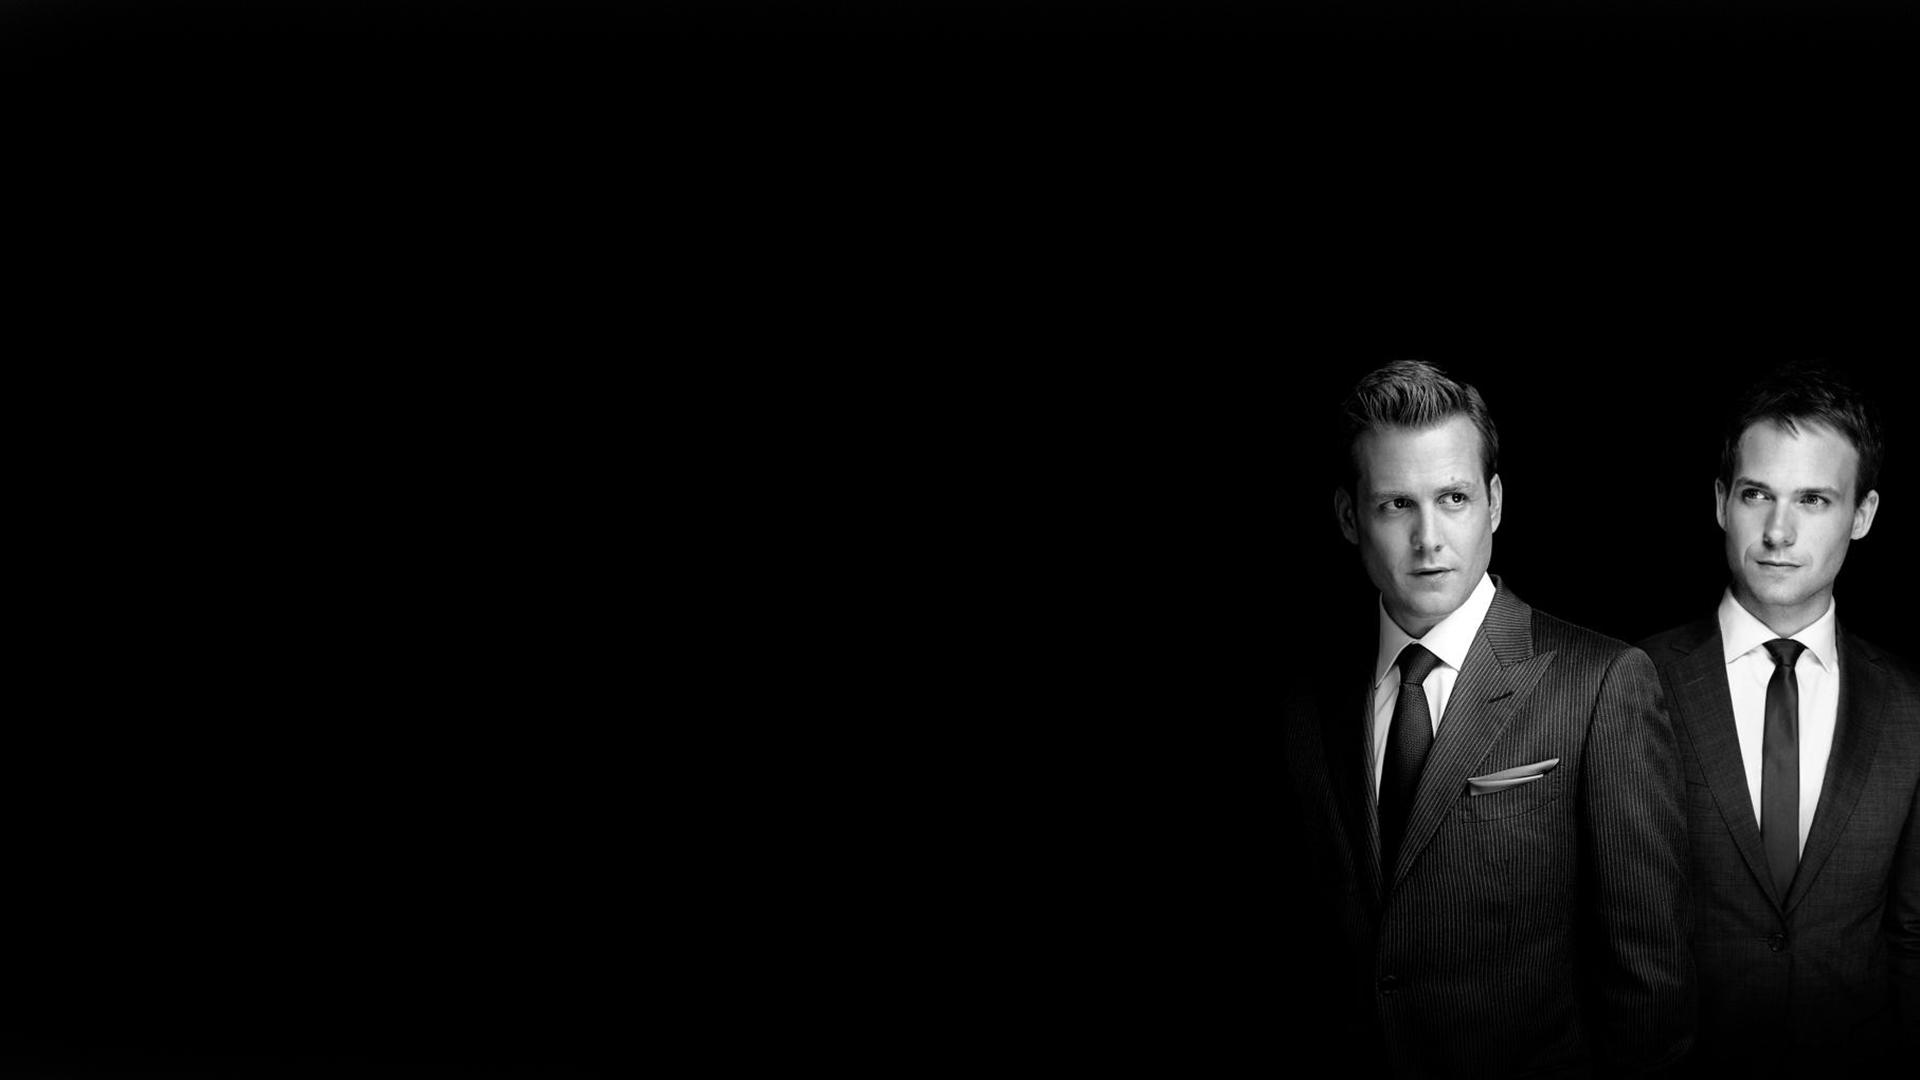 Suit Wallpaper HD - WallpaperSafari